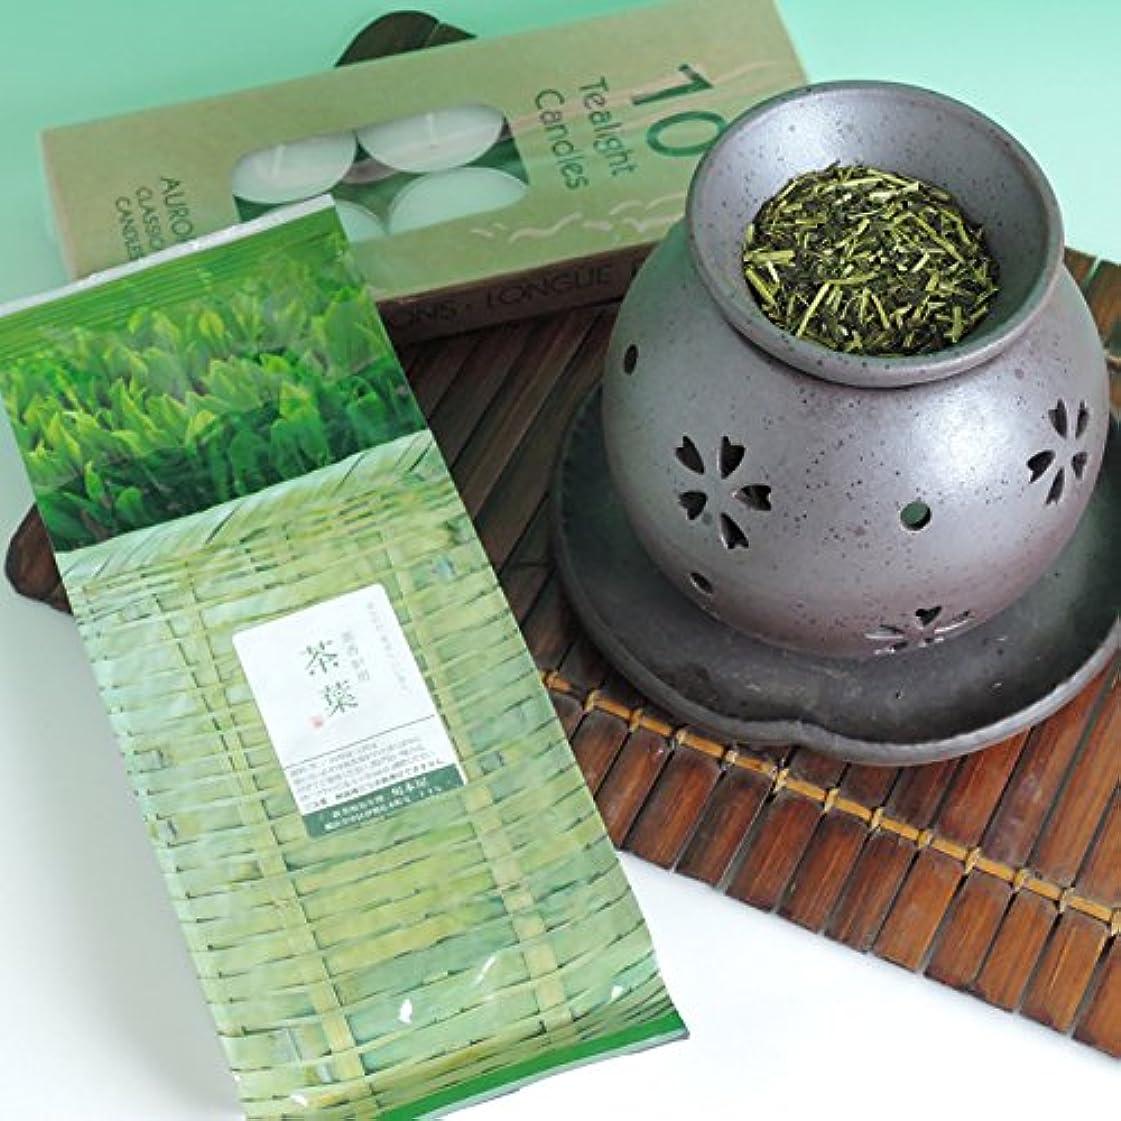 懸念品レンダリング茶香炉 盛正作 ローソク 茶香炉専用 茶葉 セット 川本屋茶舗